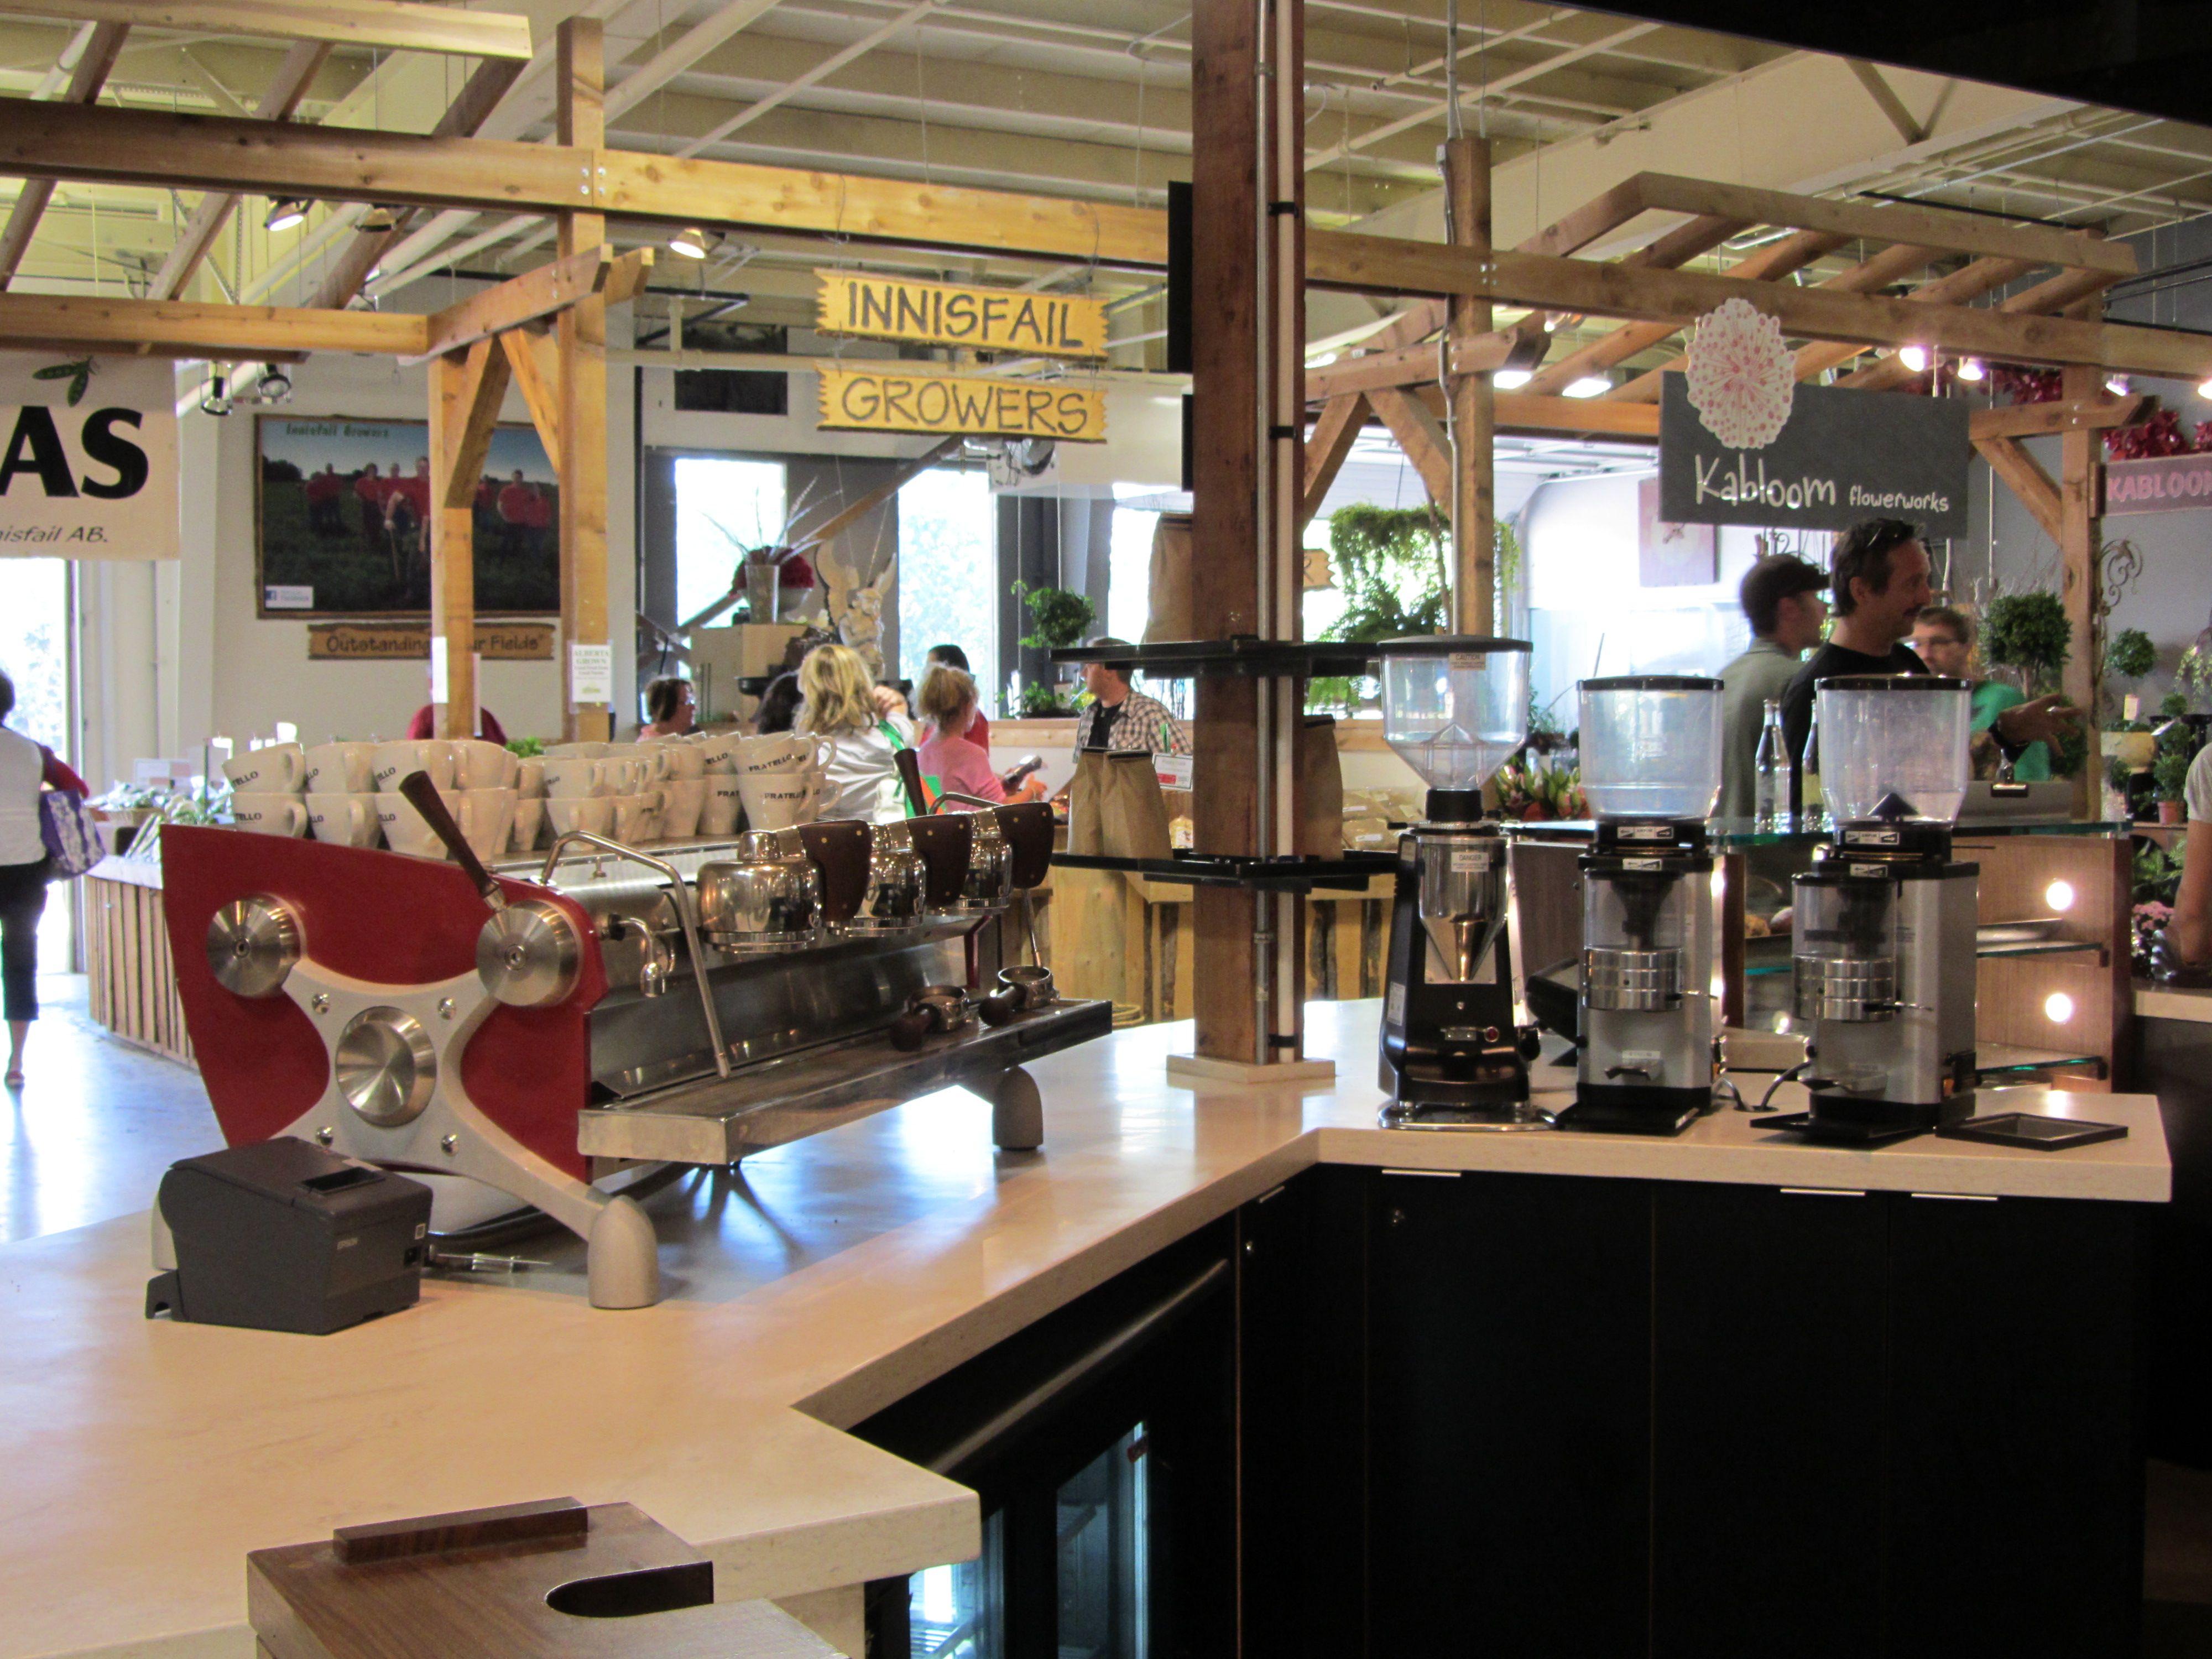 Fratello Coffee Company Calgary Farmer's Market (With